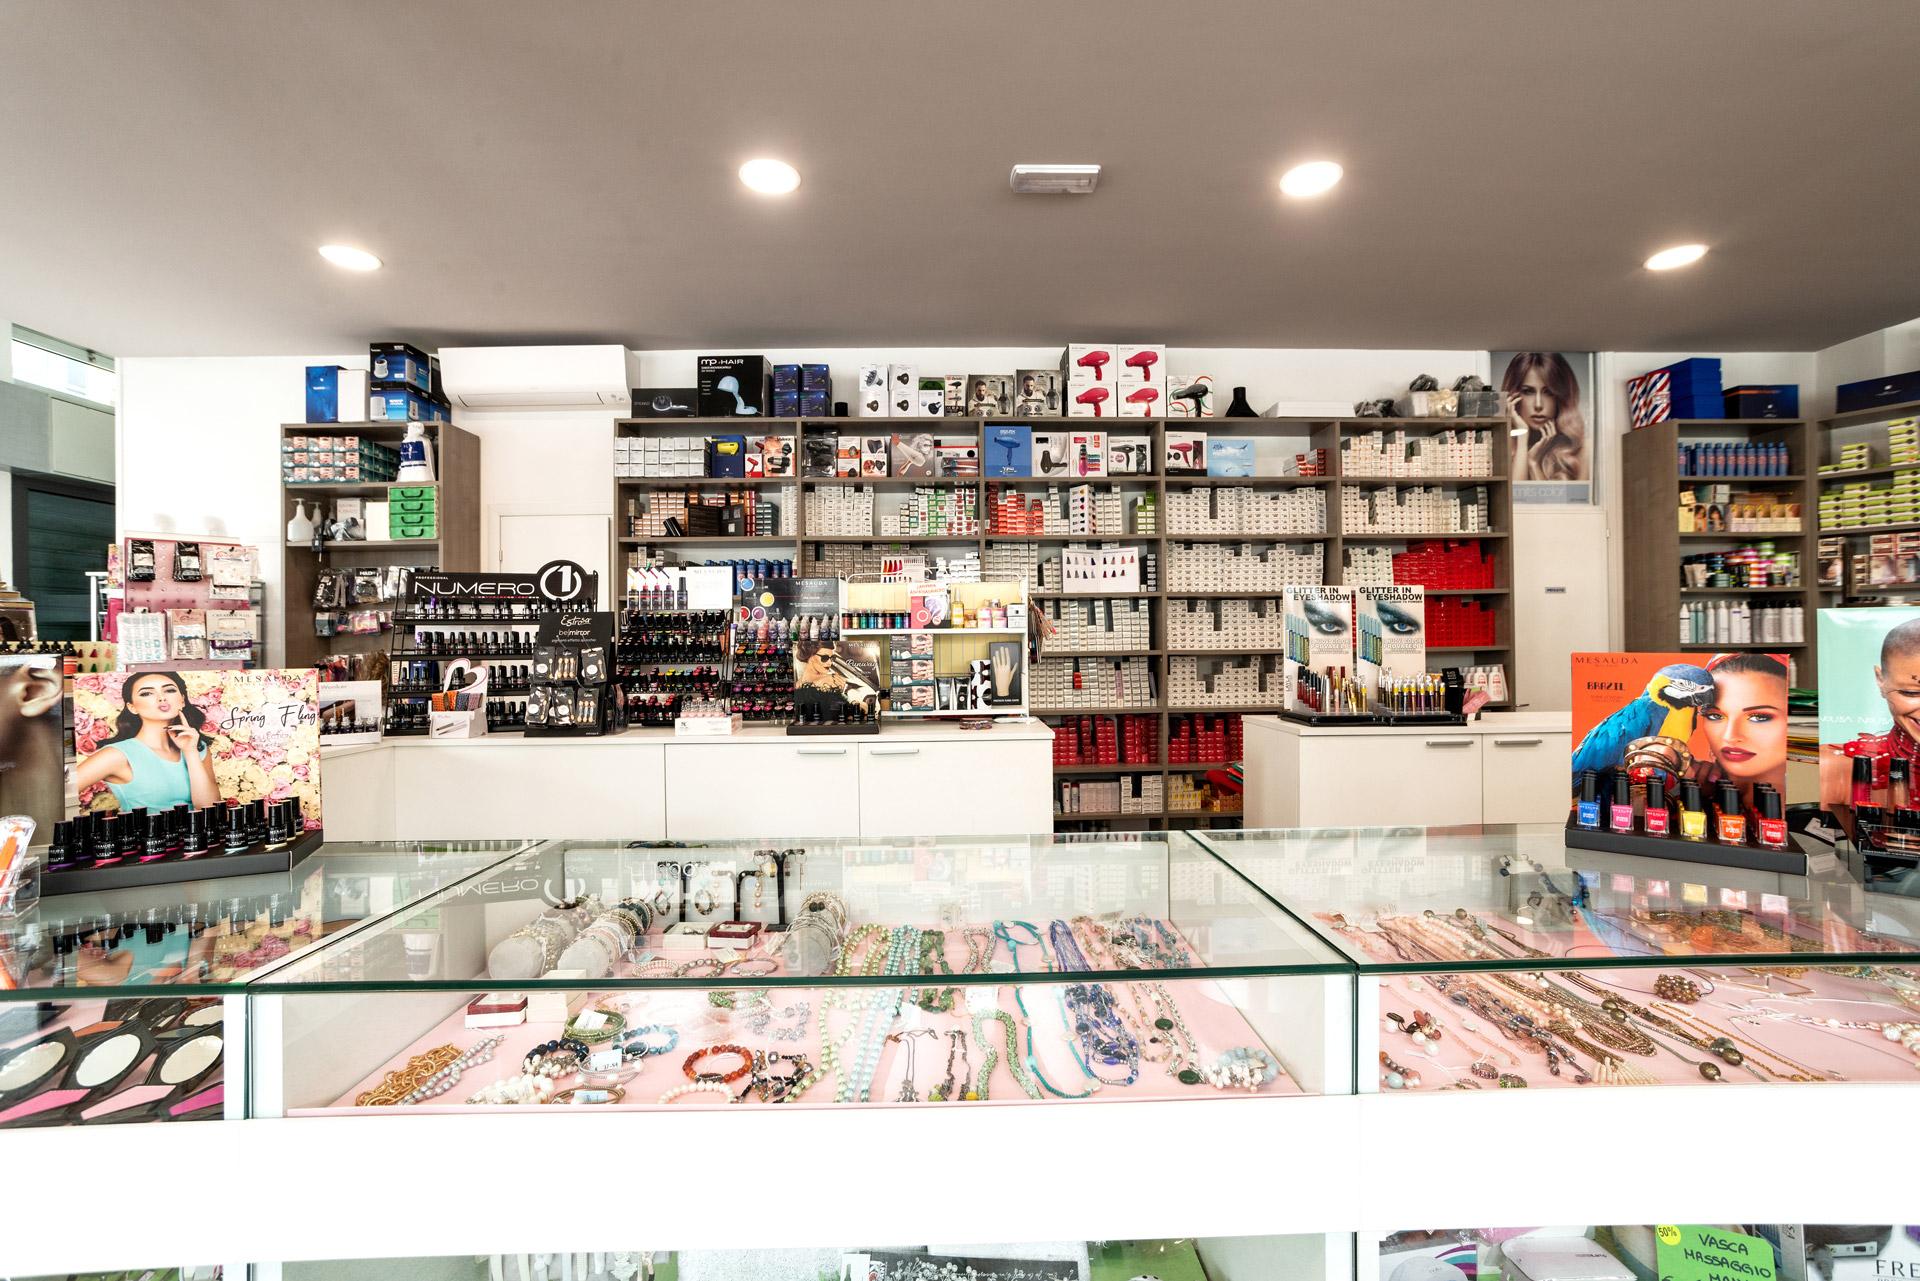 negozio-prodotti-cura-corpo-estetica